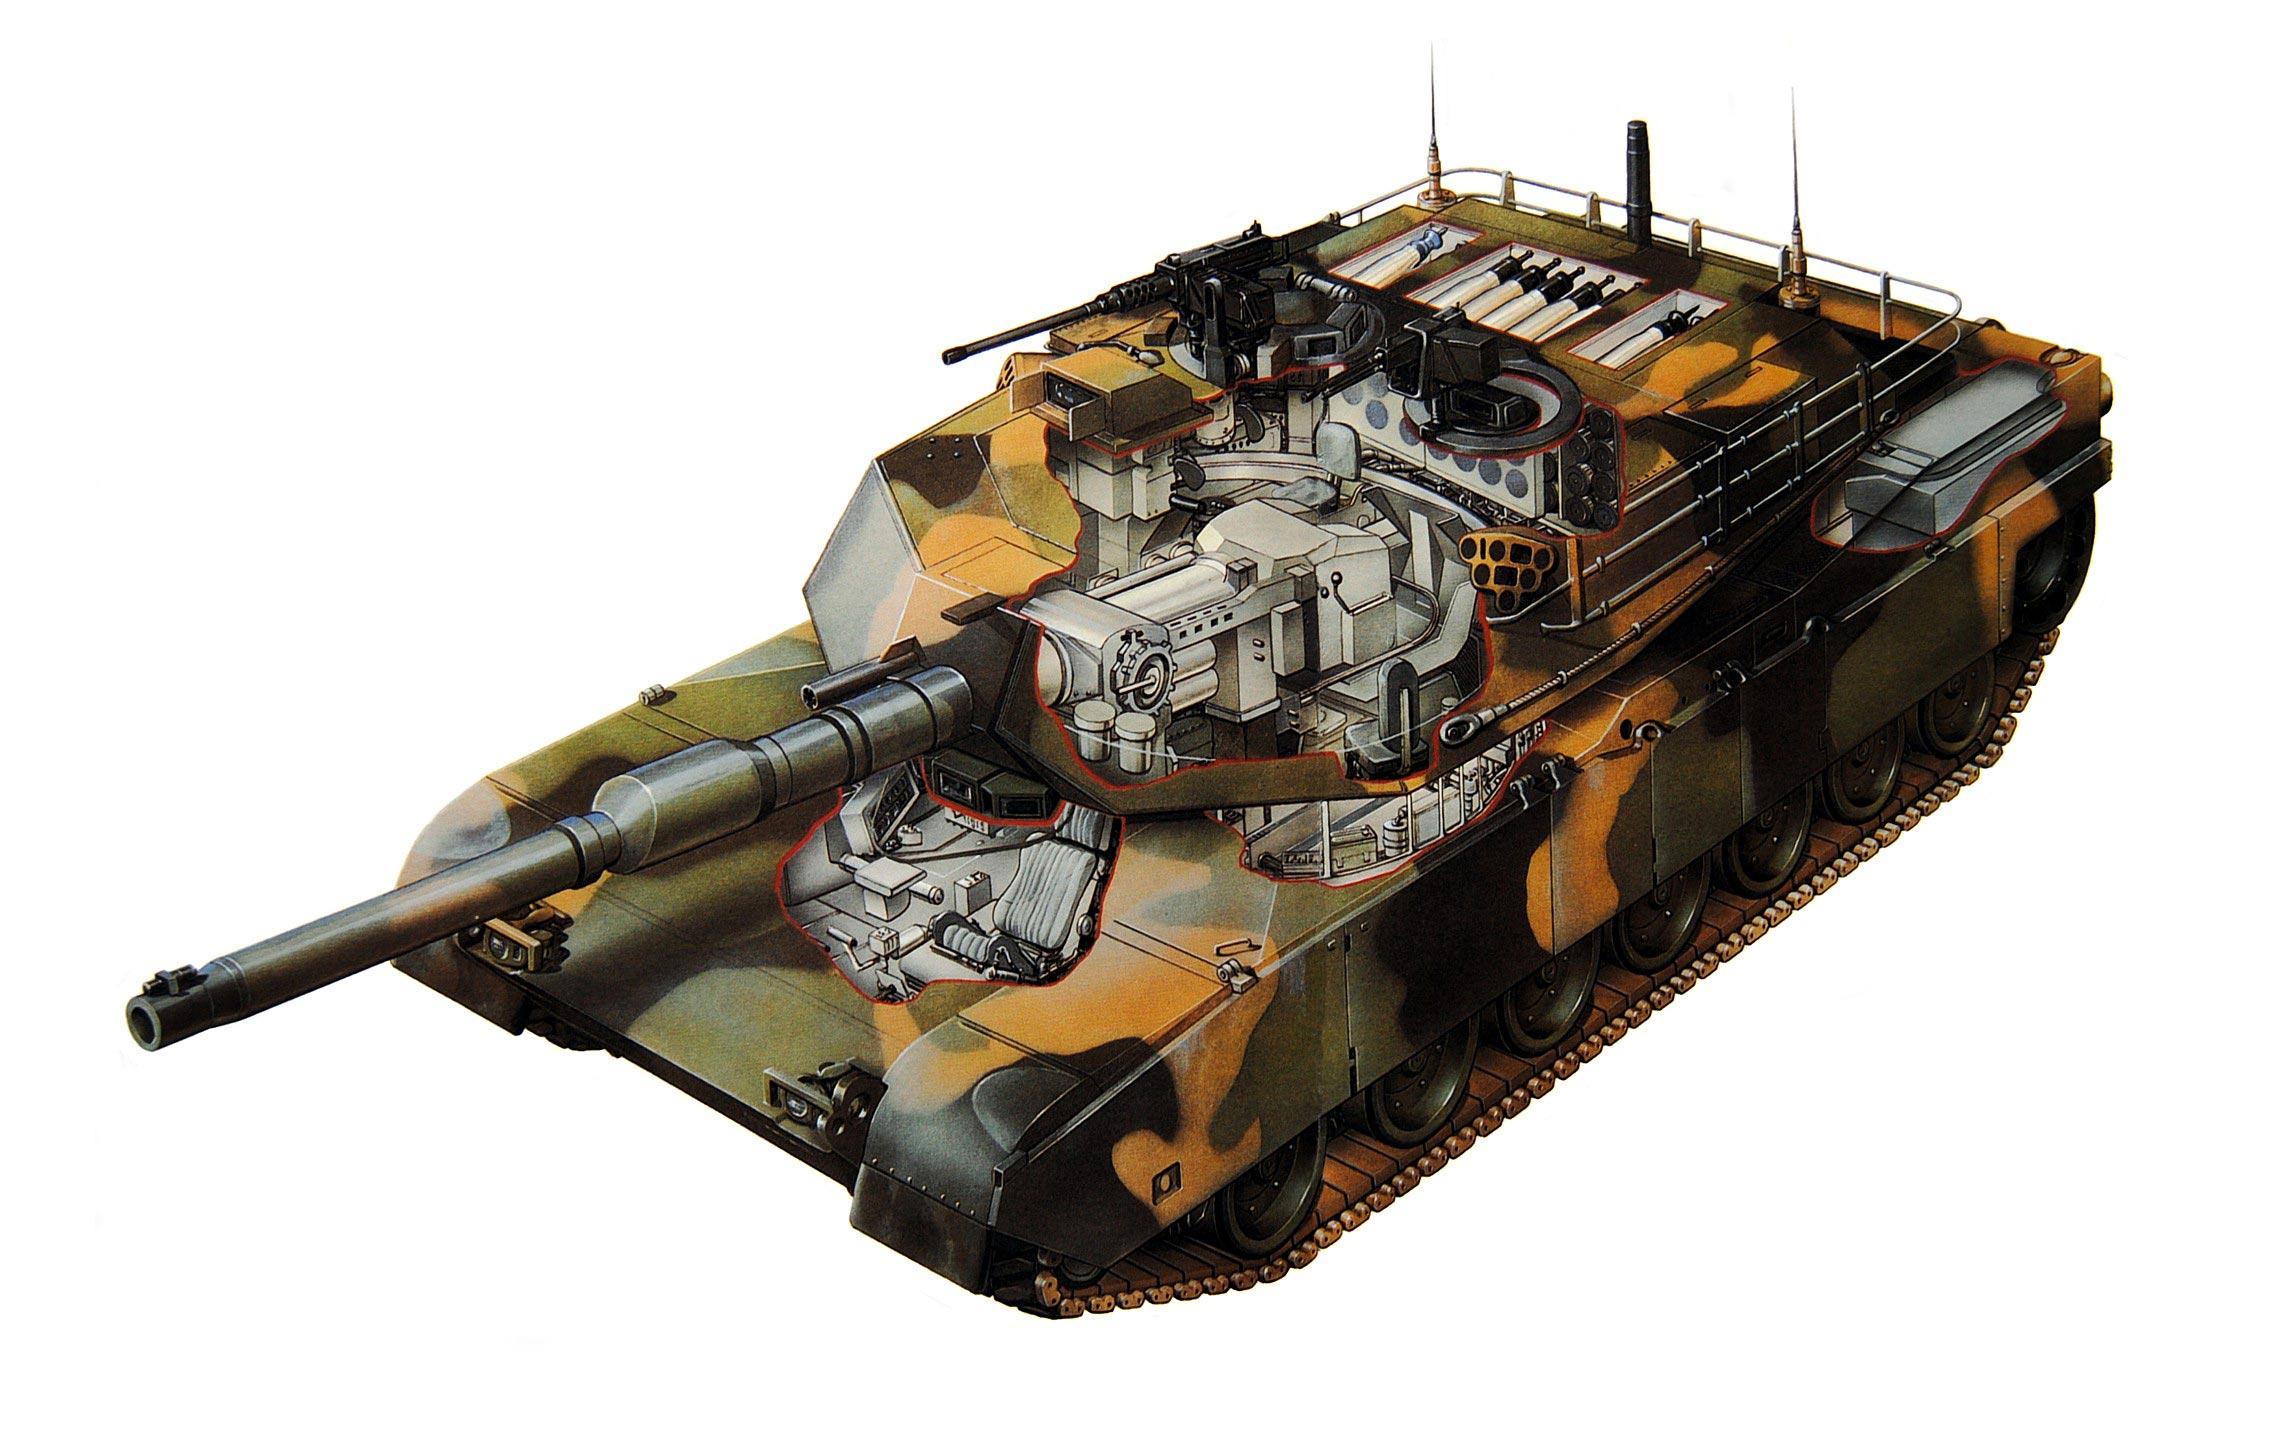 M1A2 Abrams cutaway